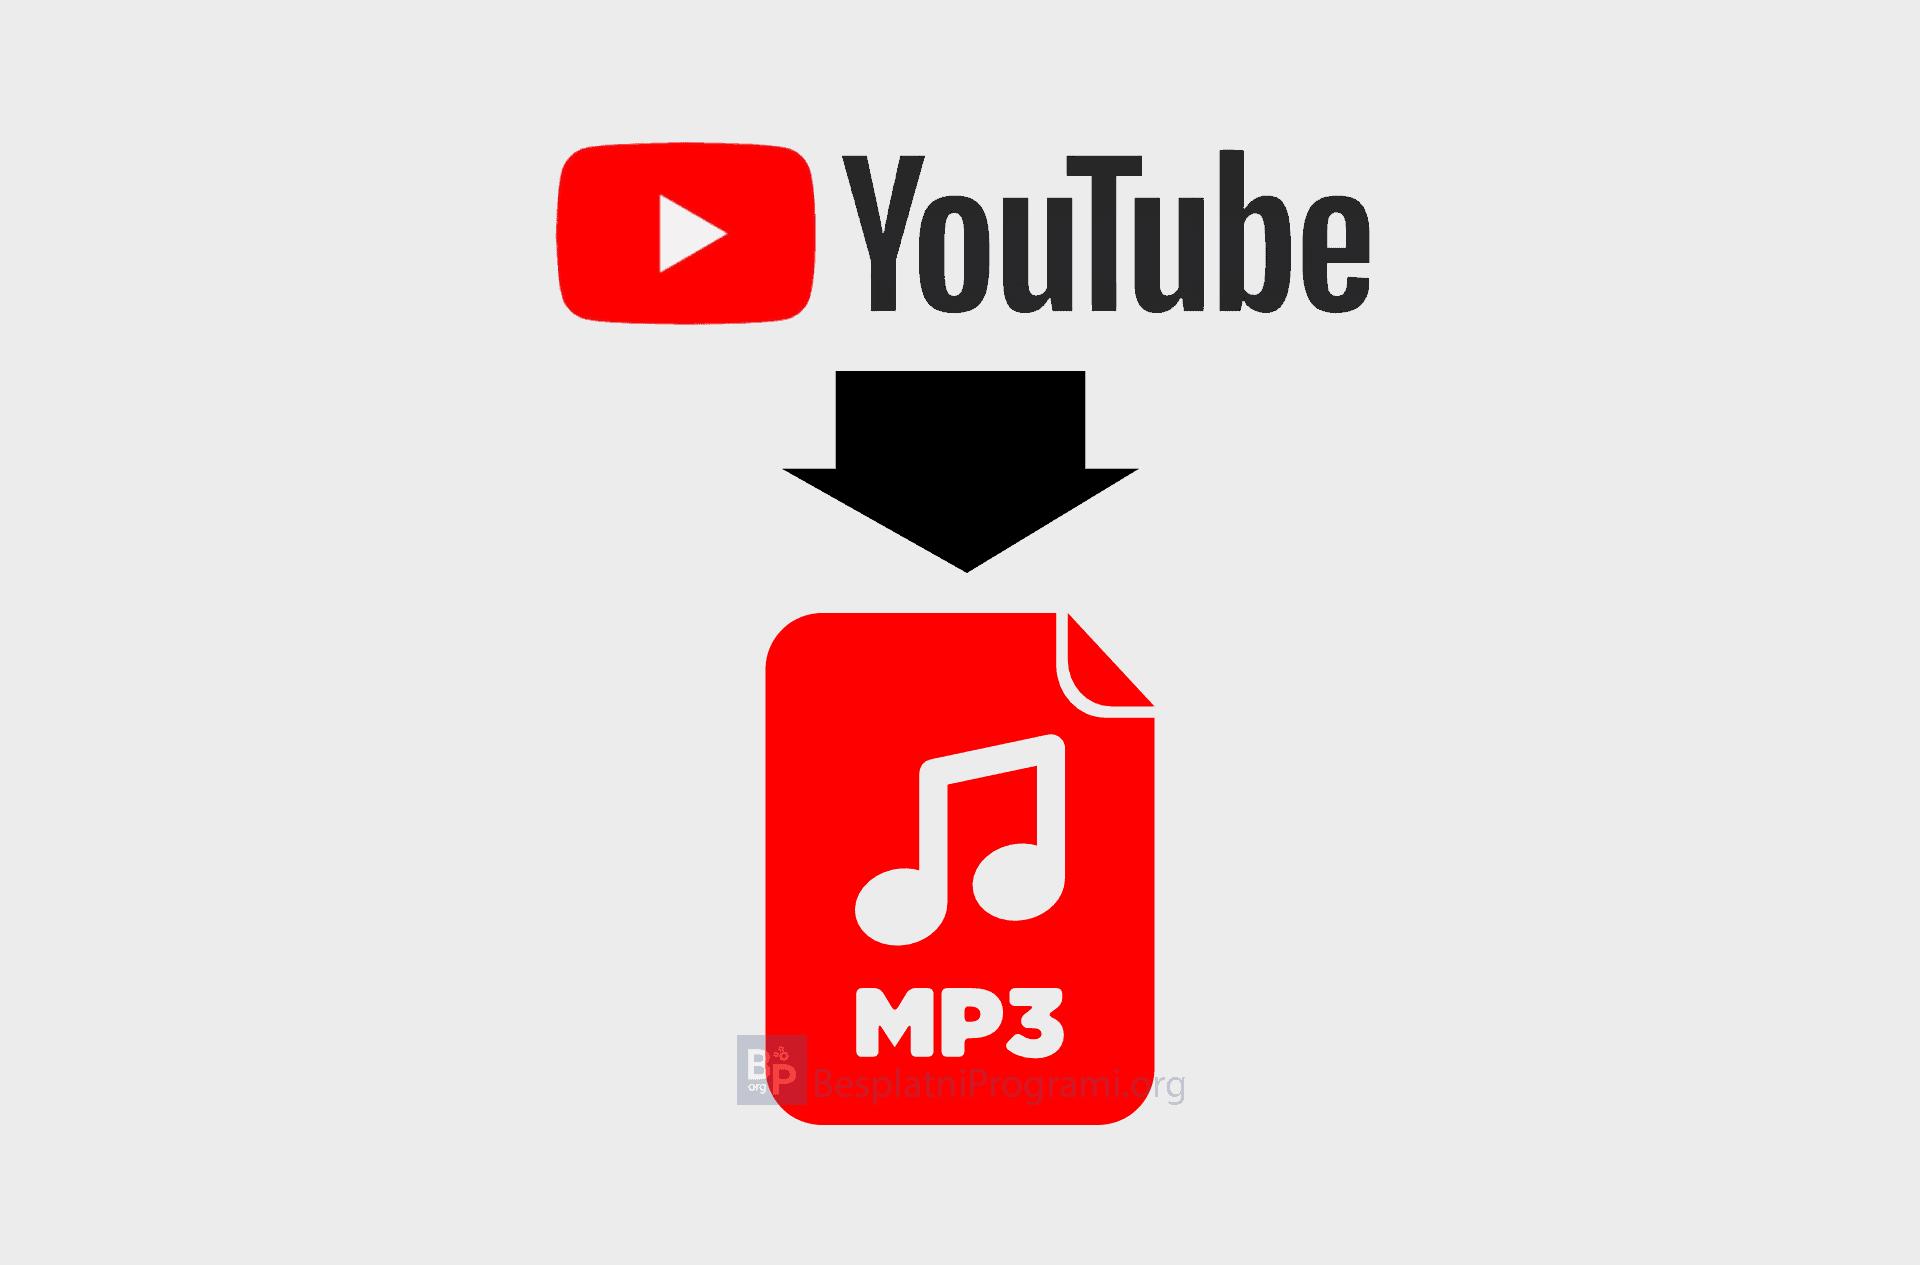 ملعب بشكل مستقل بكرة Konvertor Sa Youtube Na Mp3 Dsvdedommel Com